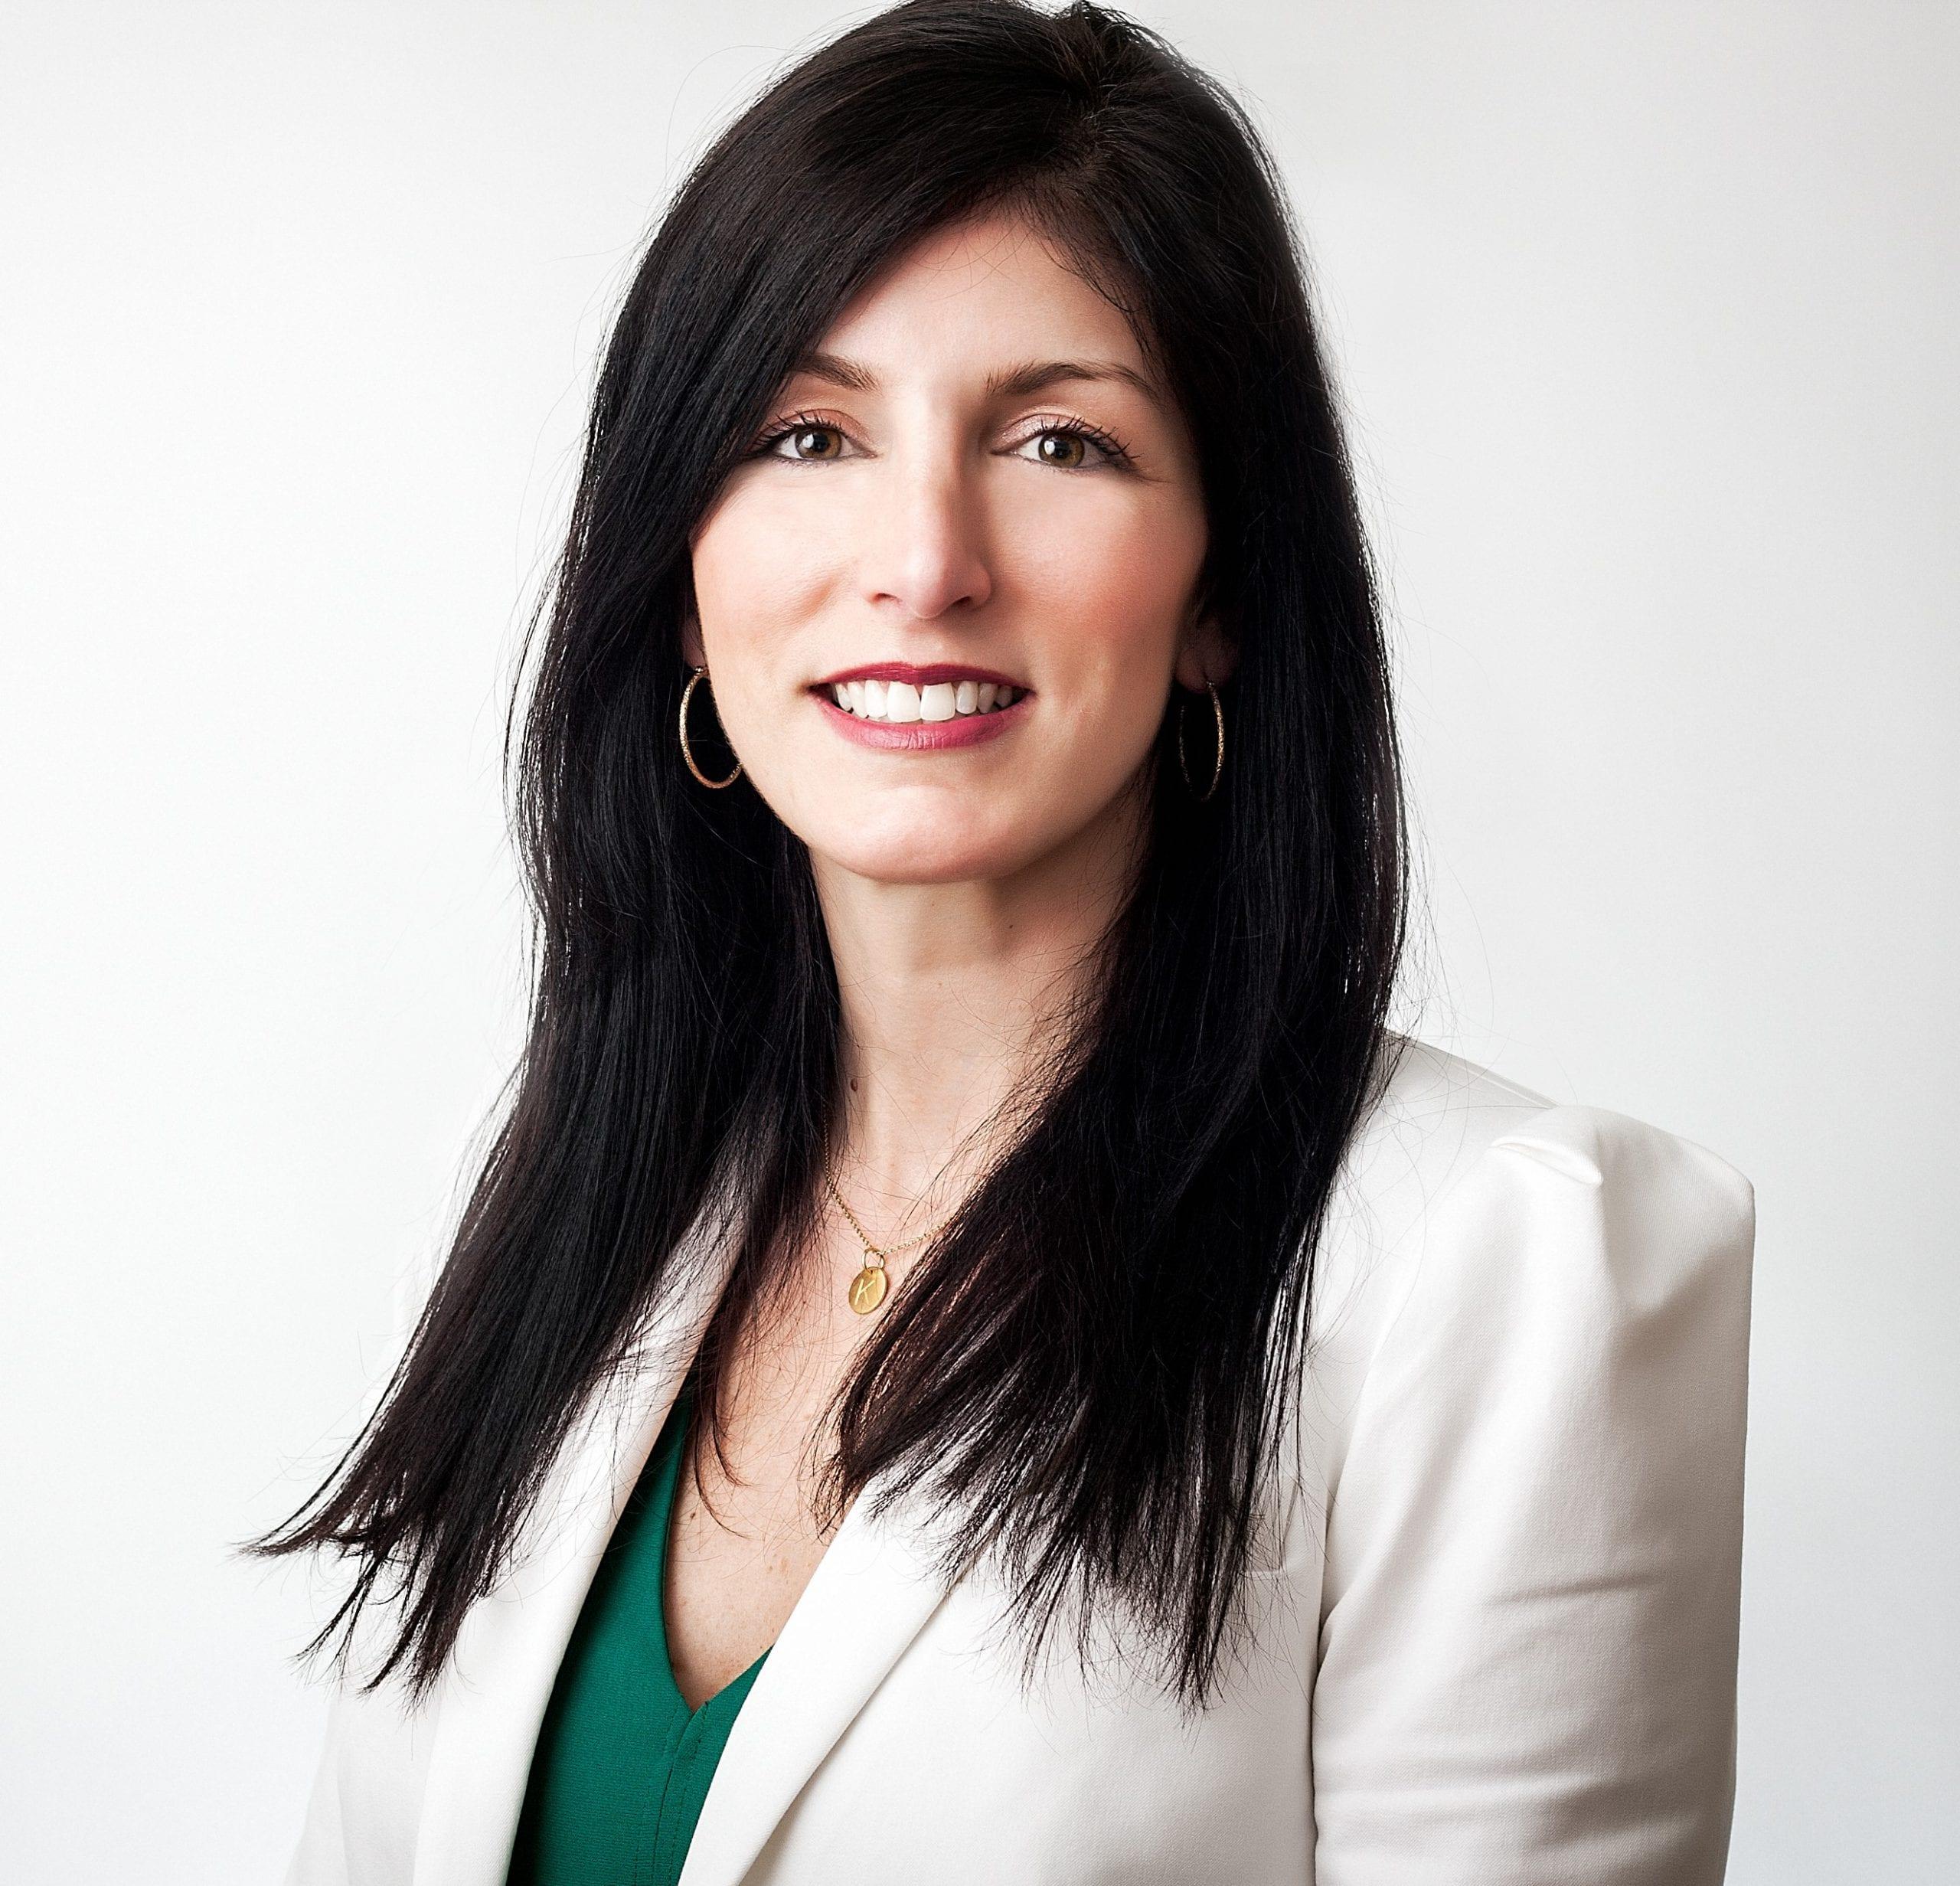 Tina Konidaris